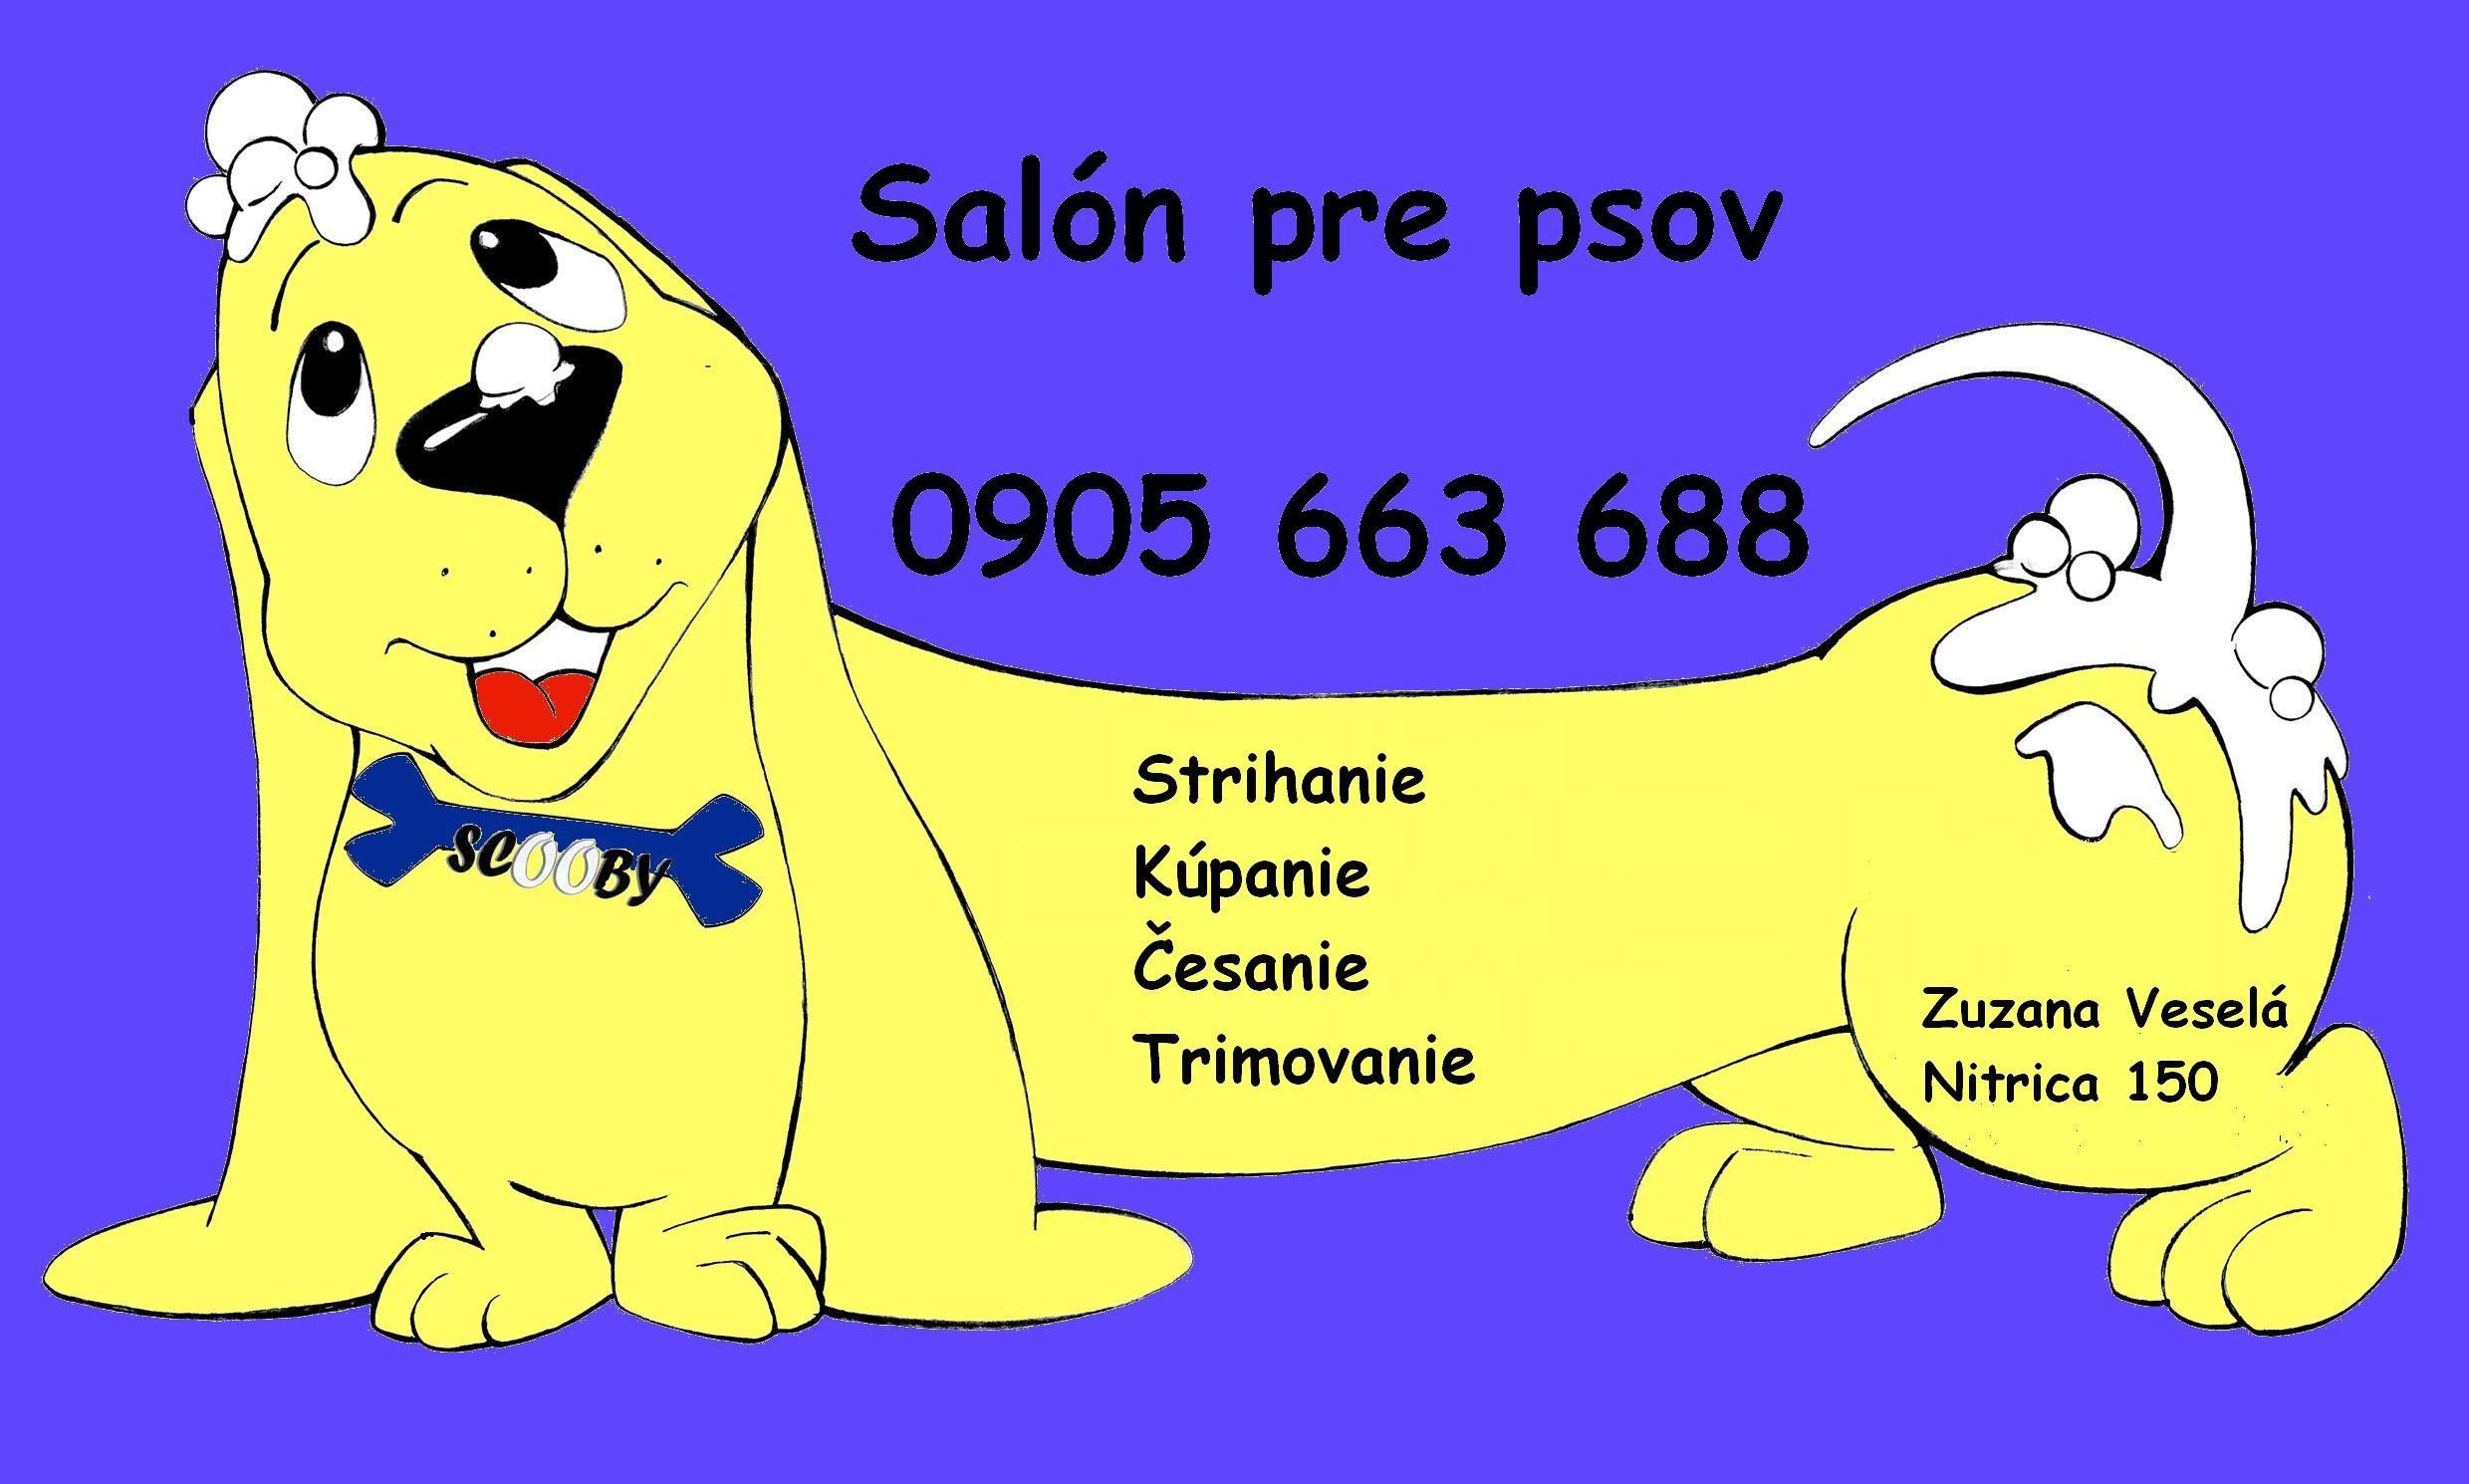 Salón pre psíkov pridal používateľ Zuzana Vesela